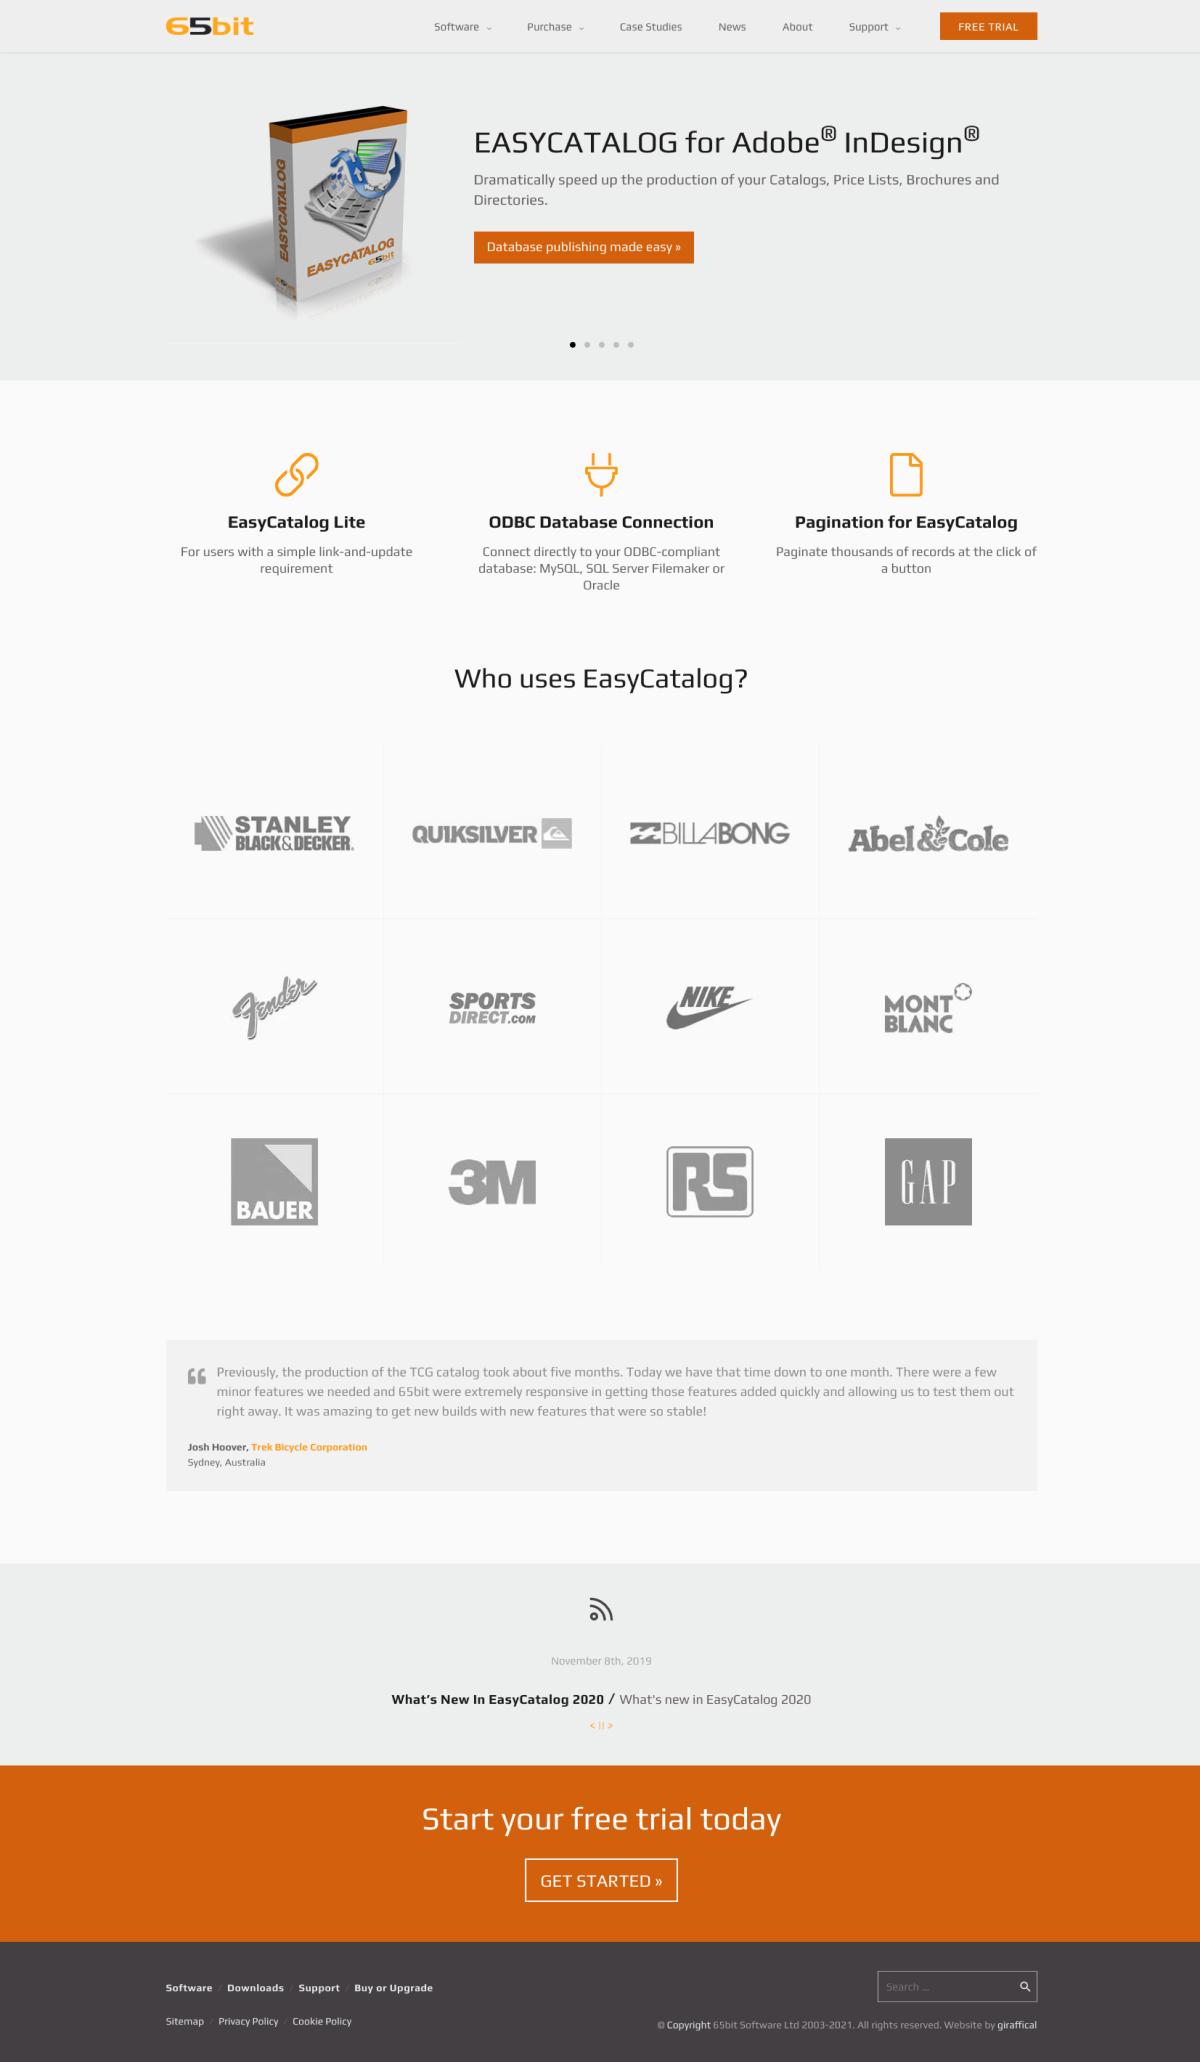 65bit Software Website Redesign - HomePage